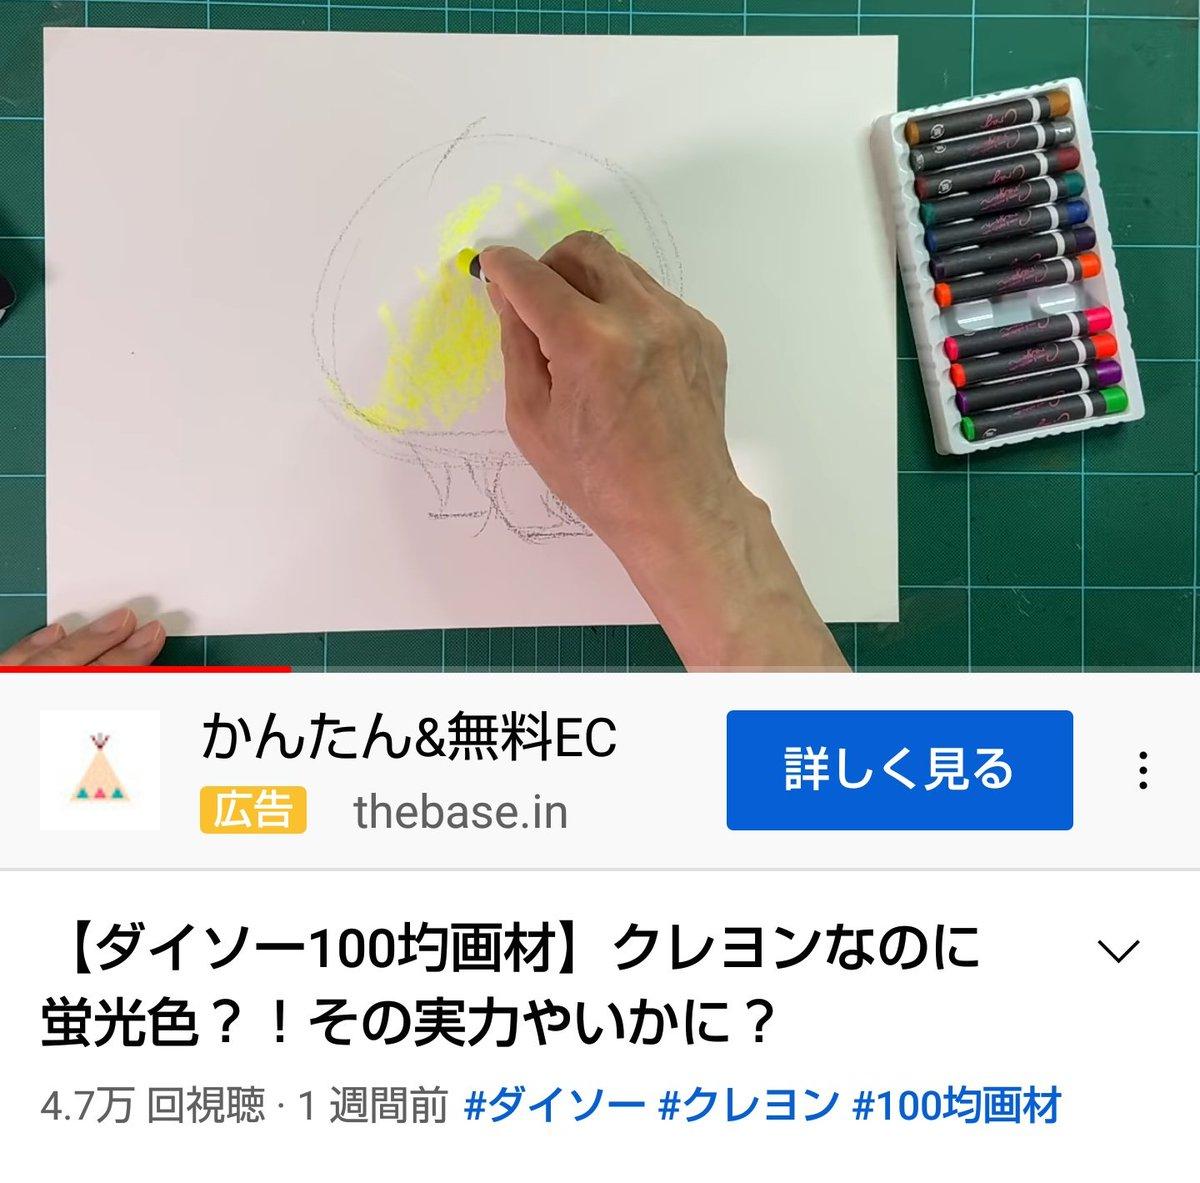 芸術作品が完成!ダイソーの蛍光色クレヨンを使用した絵が素晴らしすぎる!